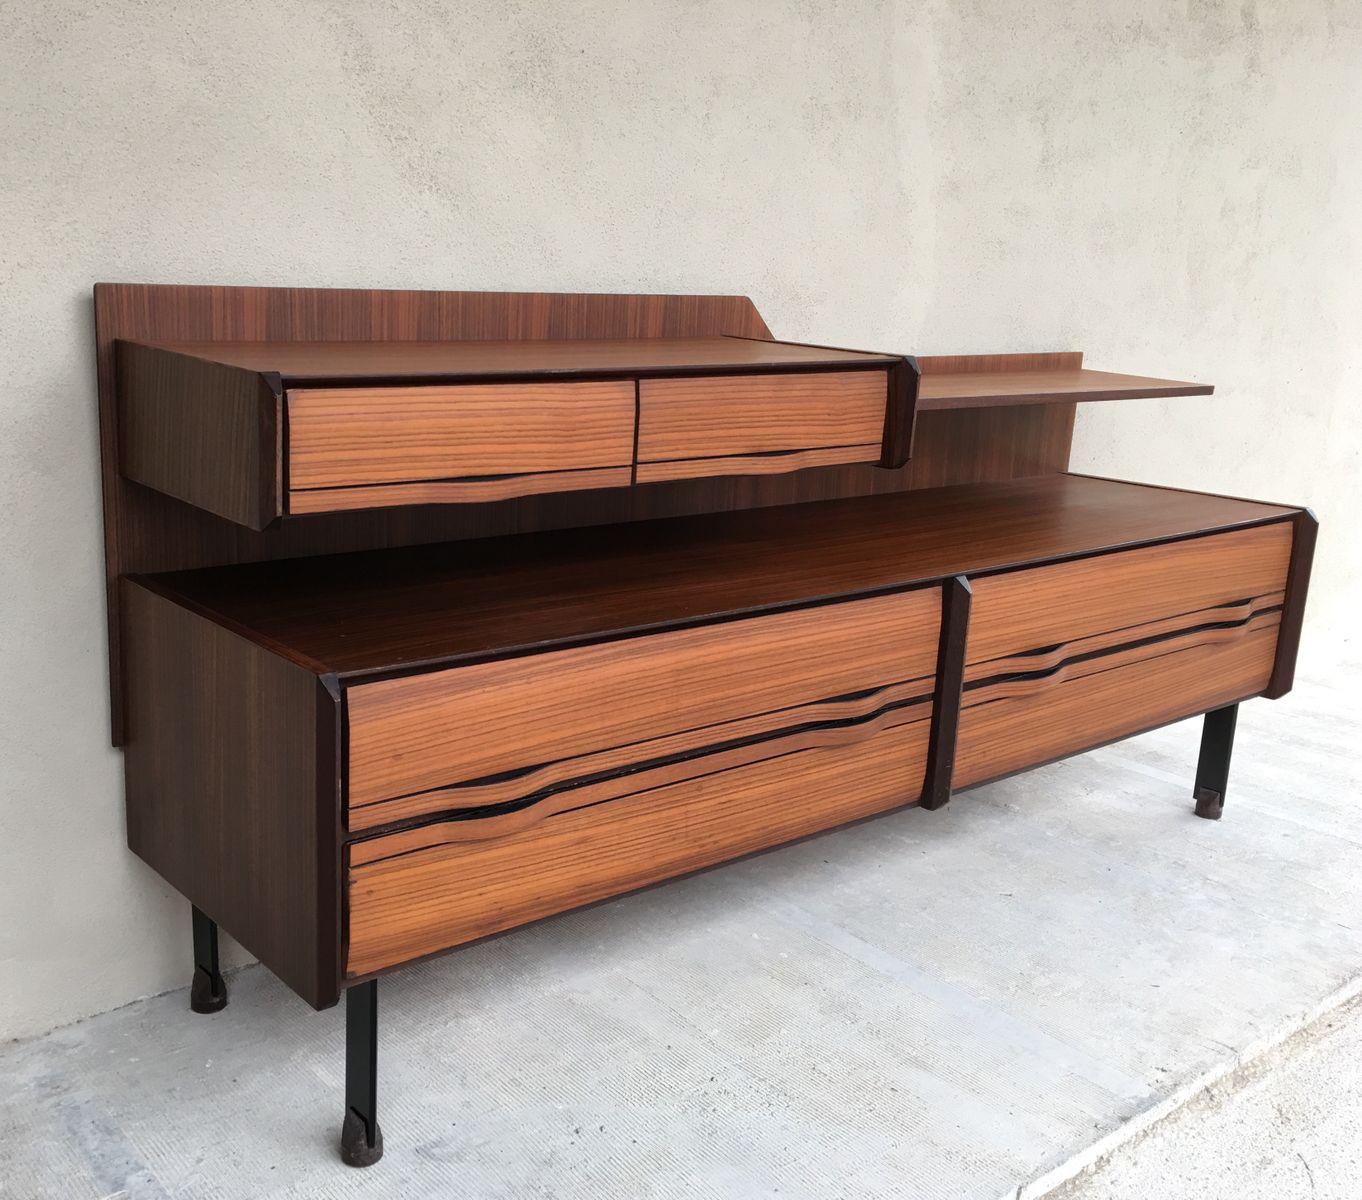 Credenza mid century di la sorgente dei mobili arosio italia anni 39 60 in vendita su pamono - Mobili vintage anni 60 ...